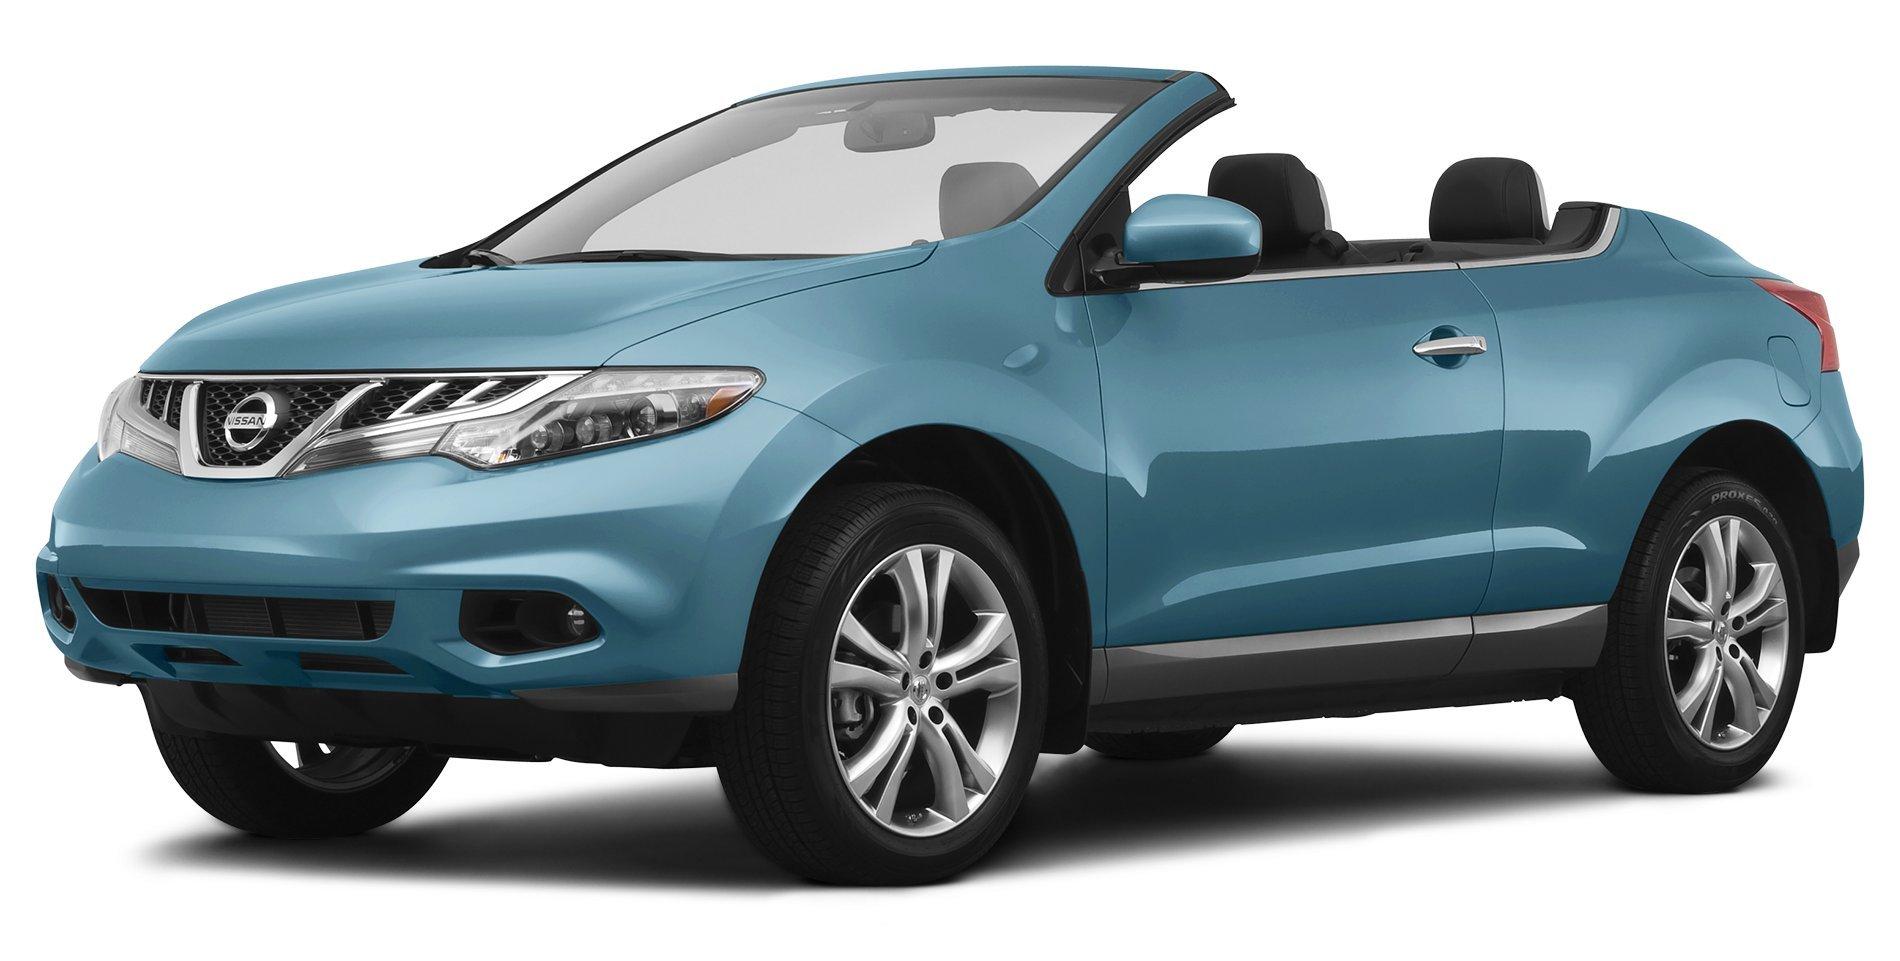 ... 2011 Nissan Murano, All Wheel Drive 2-Door Convertible